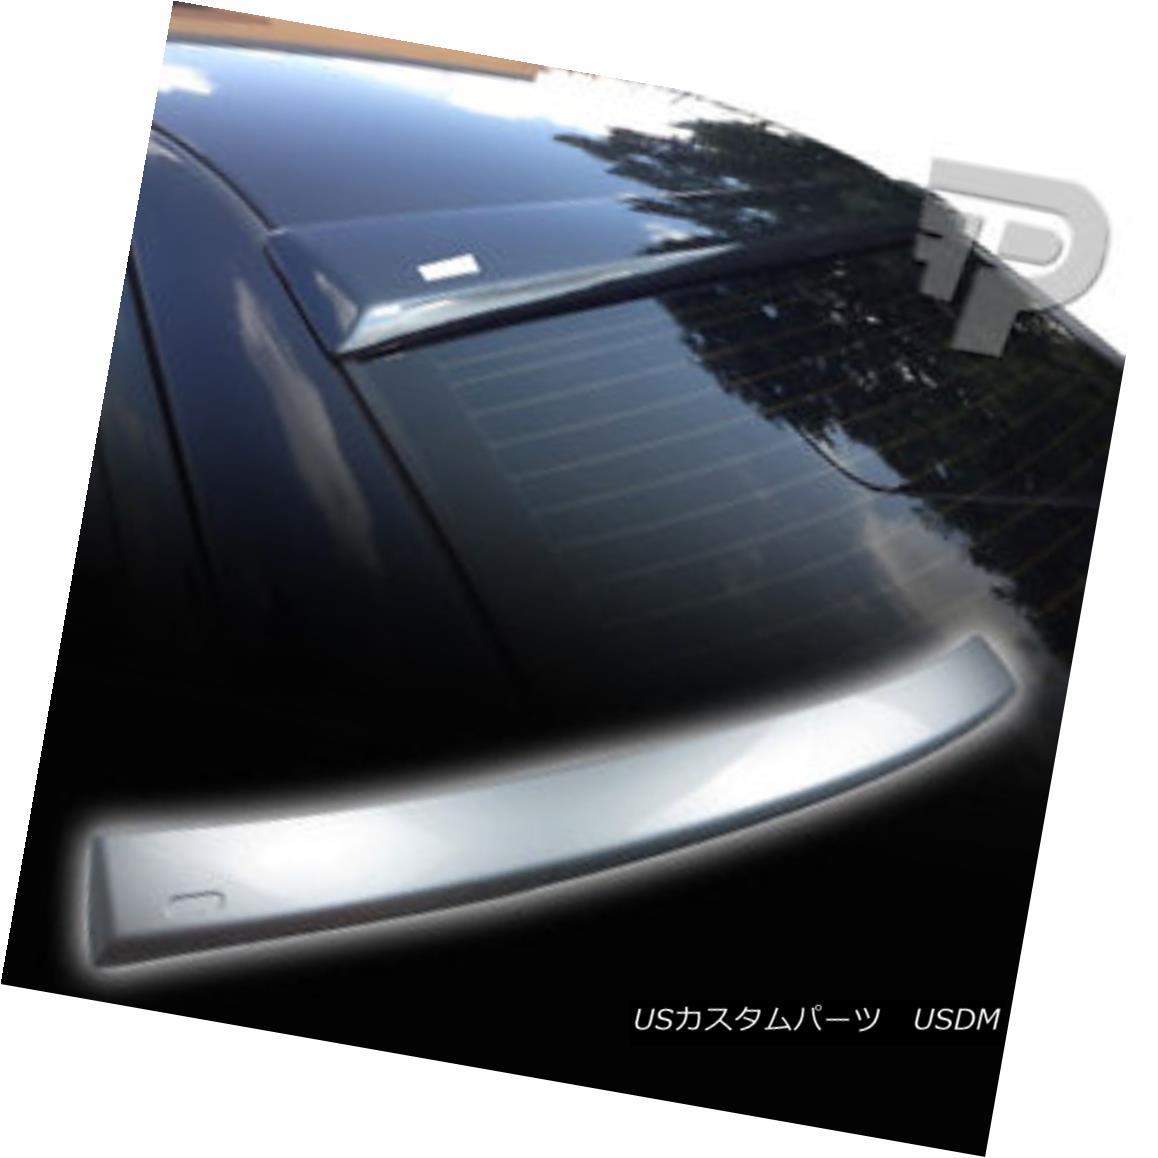 エアロパーツ PAINTED E36 4DR SEDAN BMW A TYPE REAR ROOF WING SPOILER 354 SILVER ▼ 塗装E36 4DR SEDAN BMW Aタイプリアルーフウイングスポイラー354シルバー?